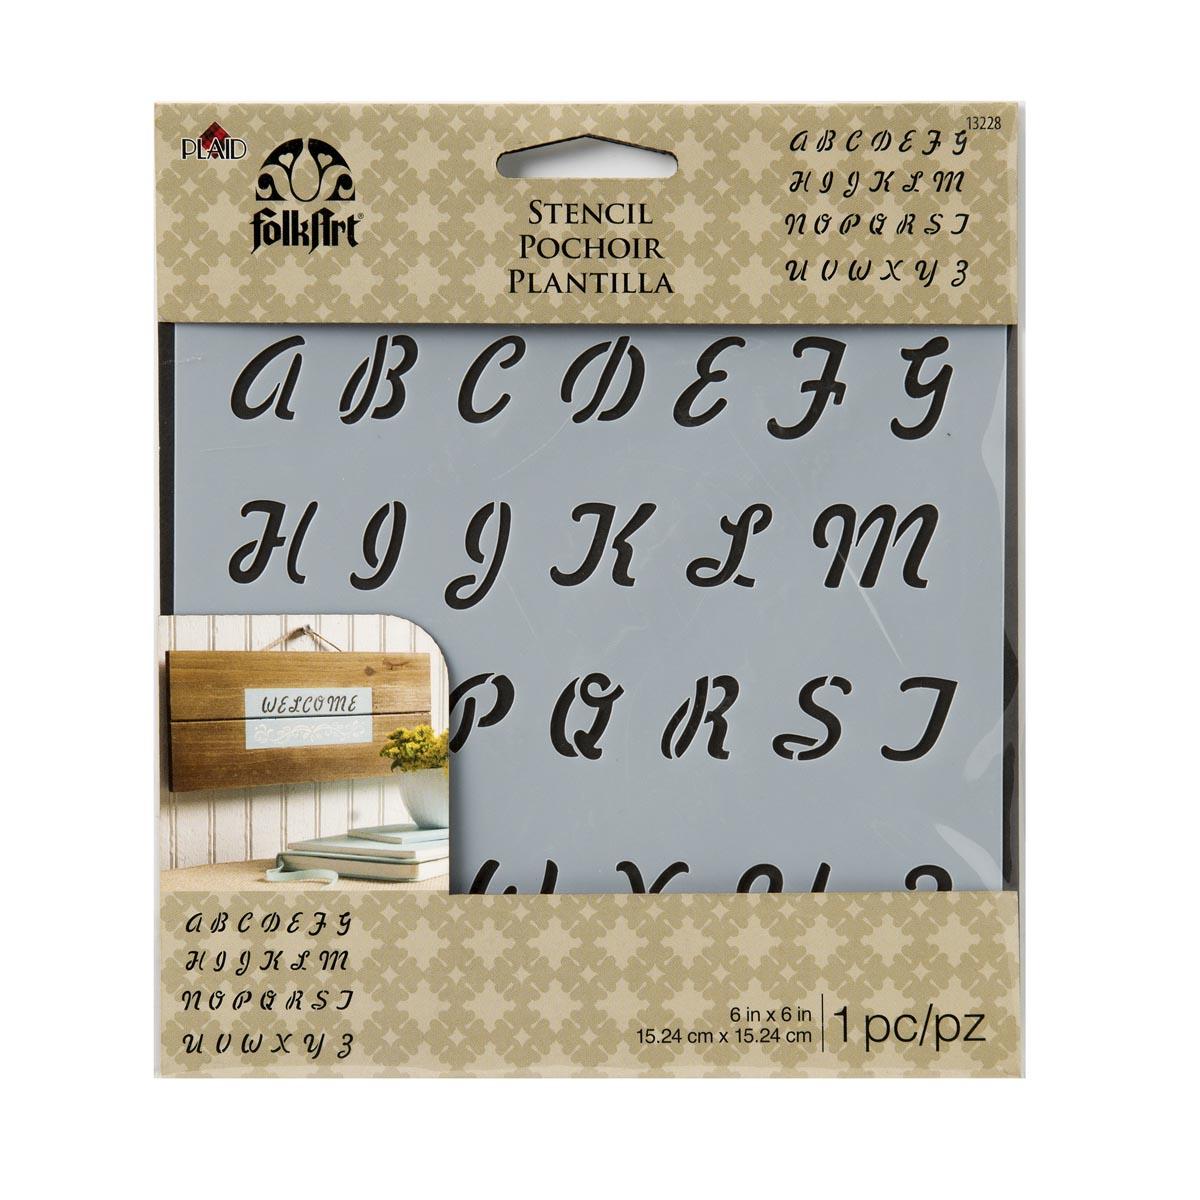 FolkArt ® Painting Stencils - Small - Romantic Script